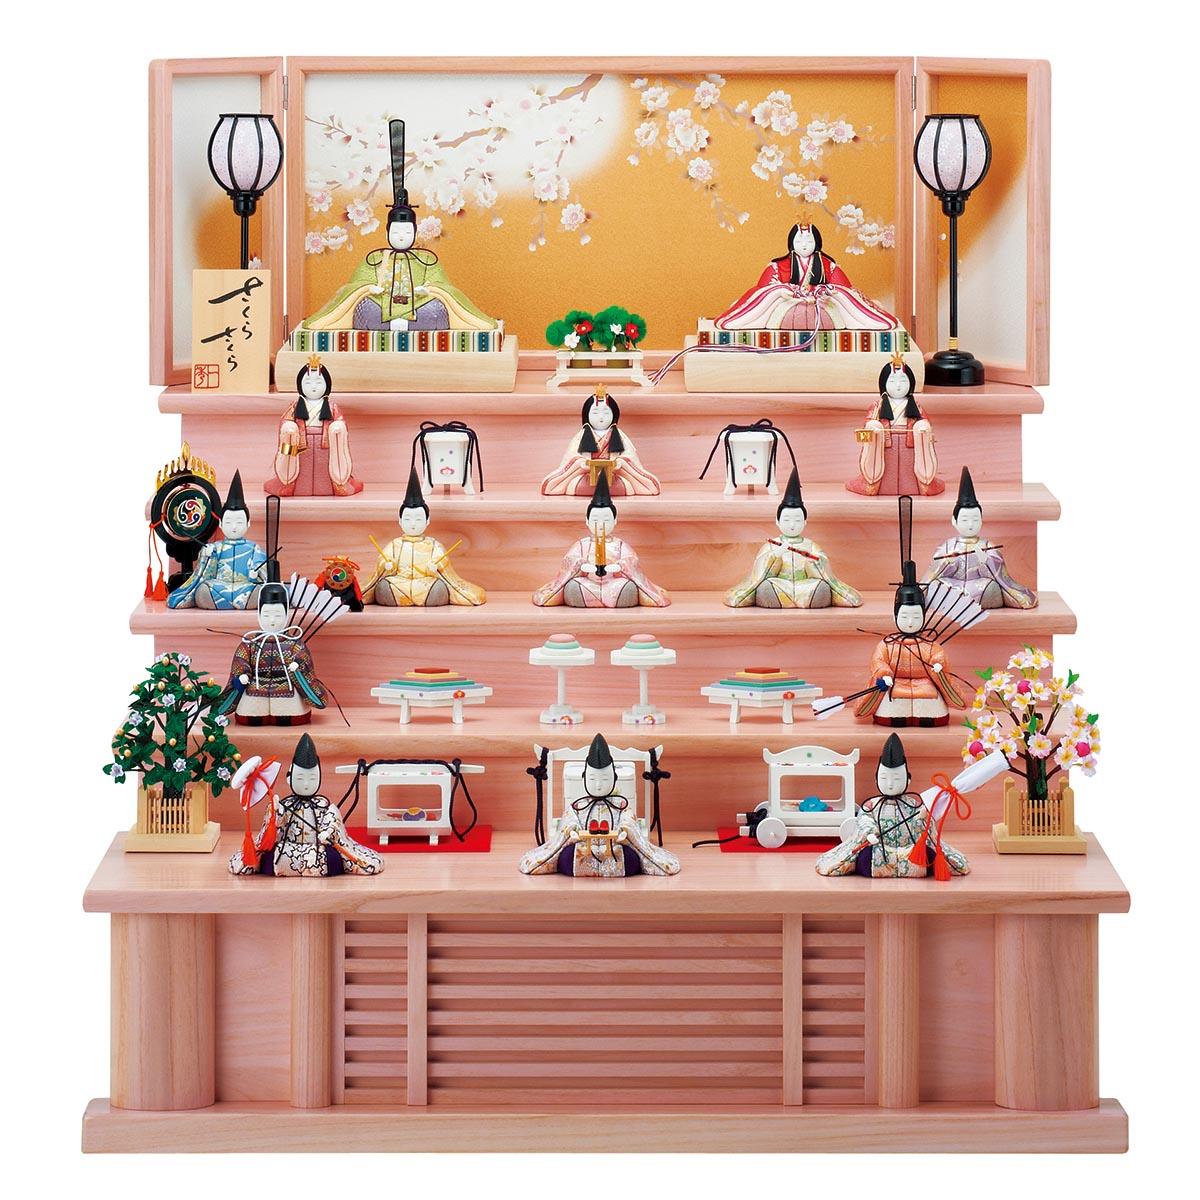 雛人形 一秀 コンパクト 木目込み飾り さくらさくら 十五人飾り 220号 五段セット LEDコードレス雪洞付 雛人形 HNIS-C-108ひな人形 かわいい おしゃれ インテリア 雛 木目込人形飾り [P20]